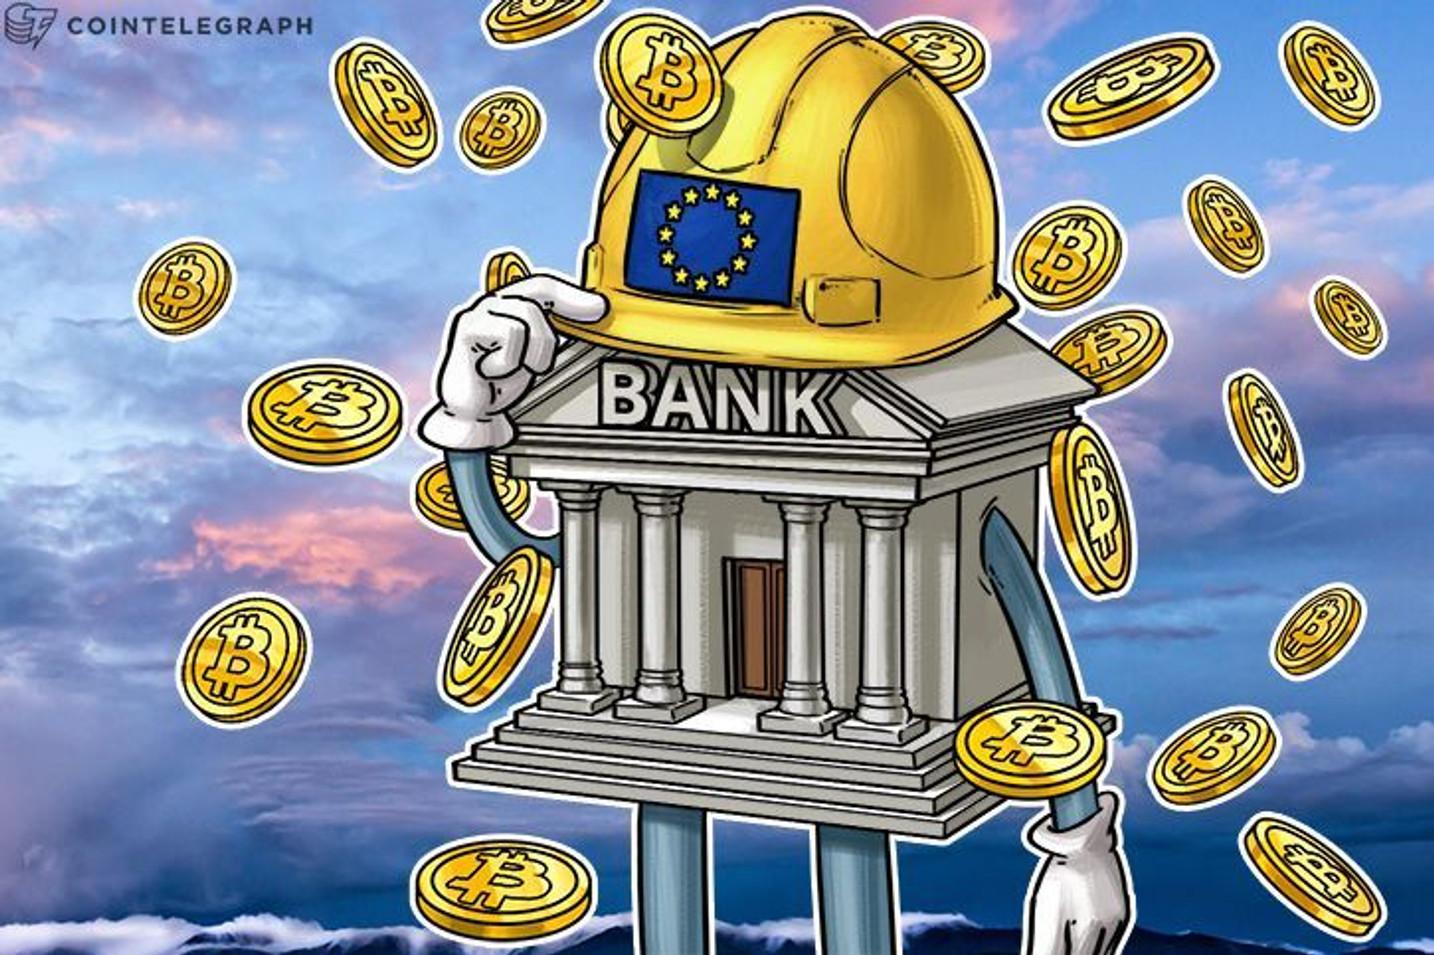 رئيس الهيئة المصرفية الأوروبية: لا يجب تنظيم العملات الرقمية، بل تنظيم المؤسسات المالية